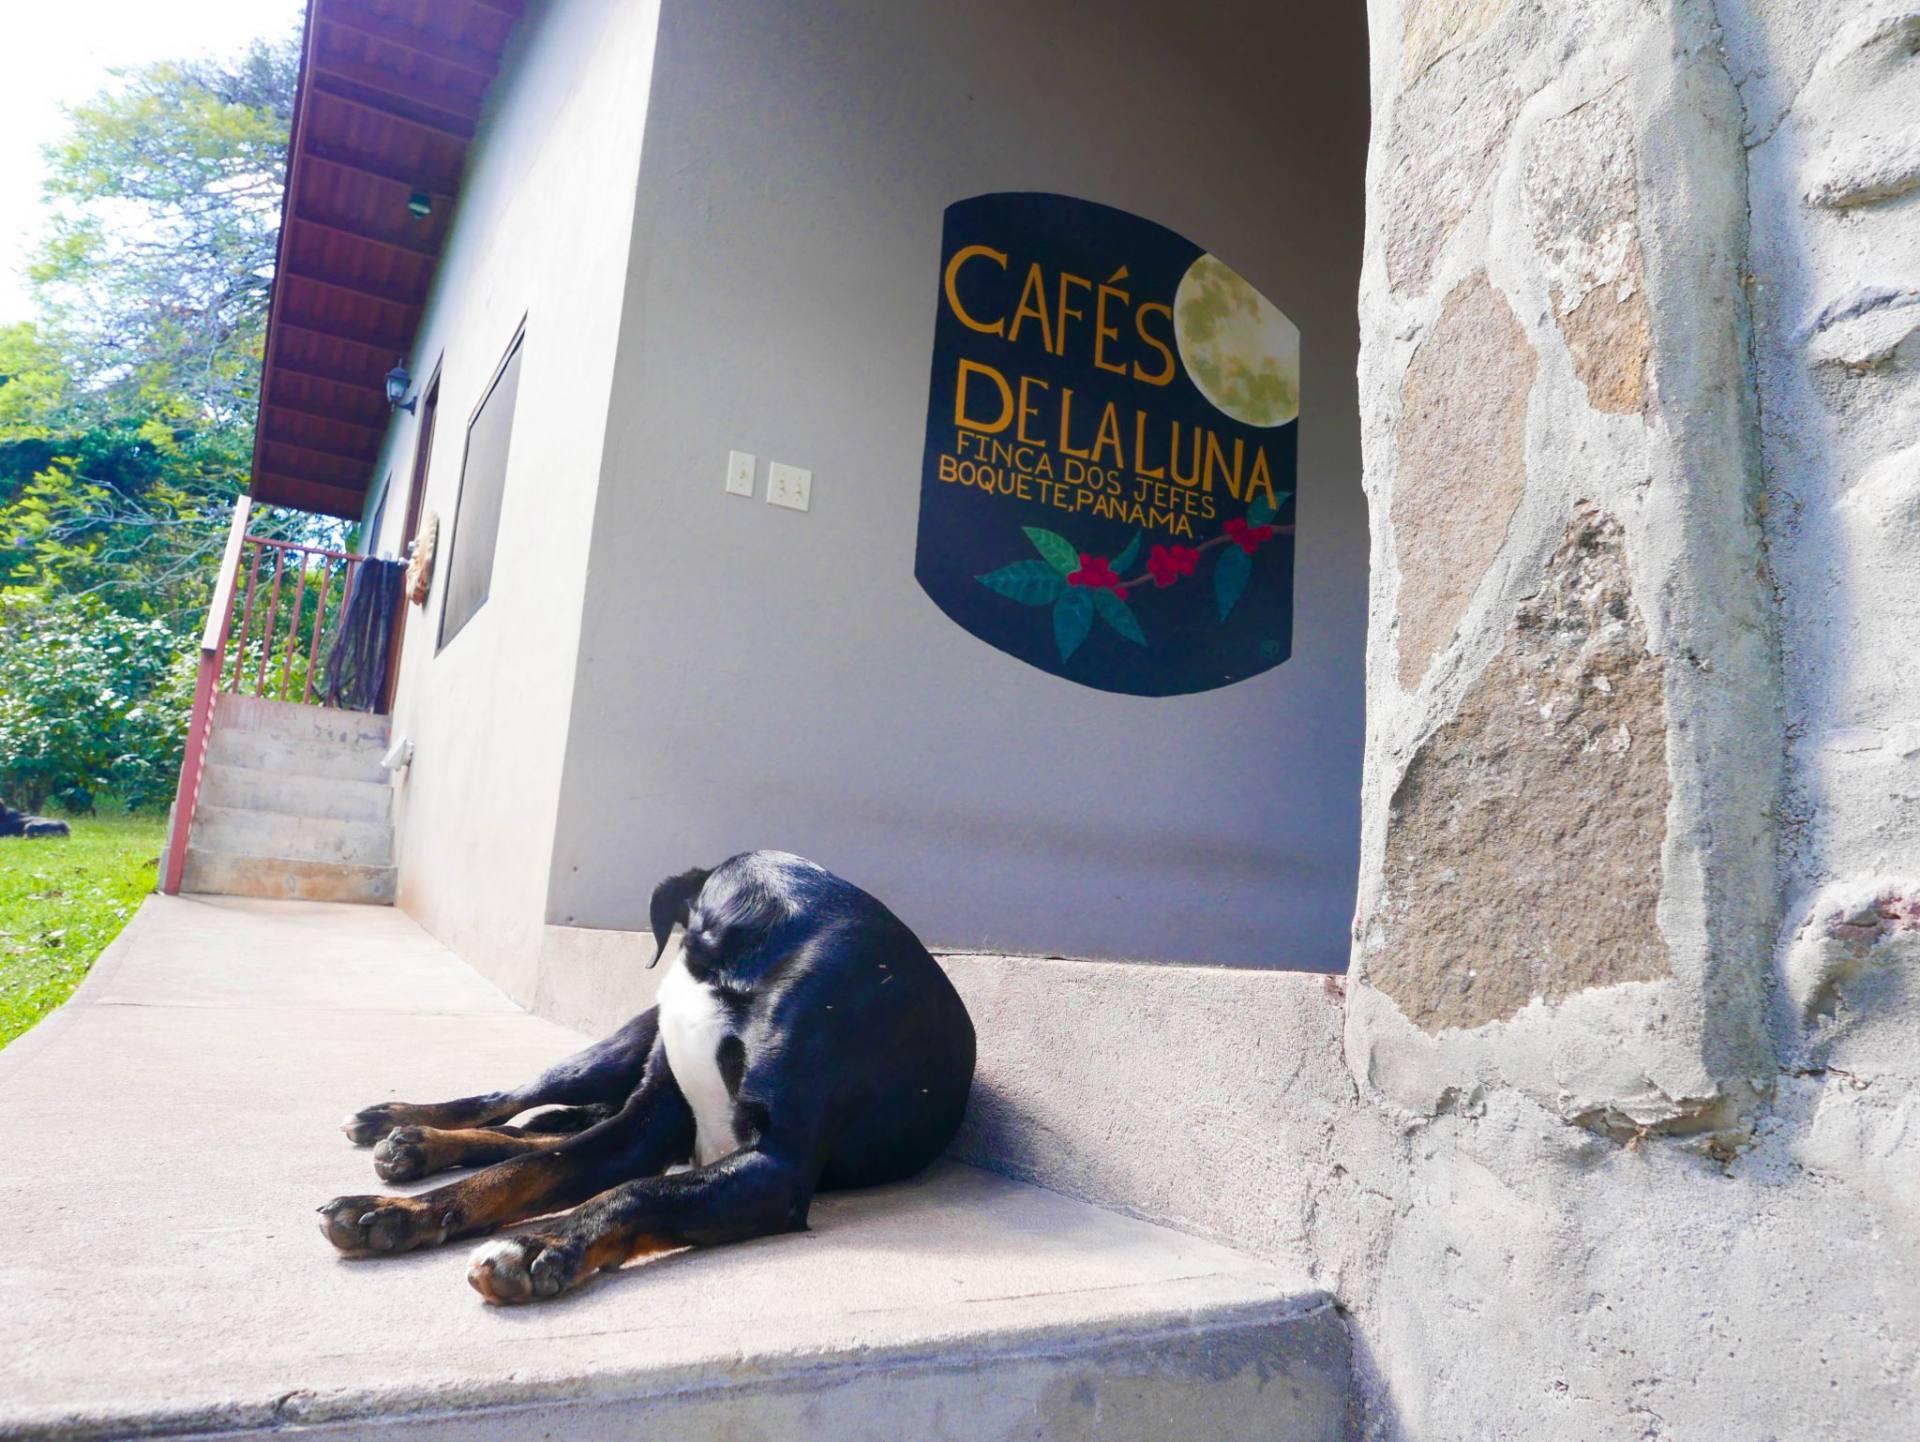 dog boquete coffee tour cafes de la luna